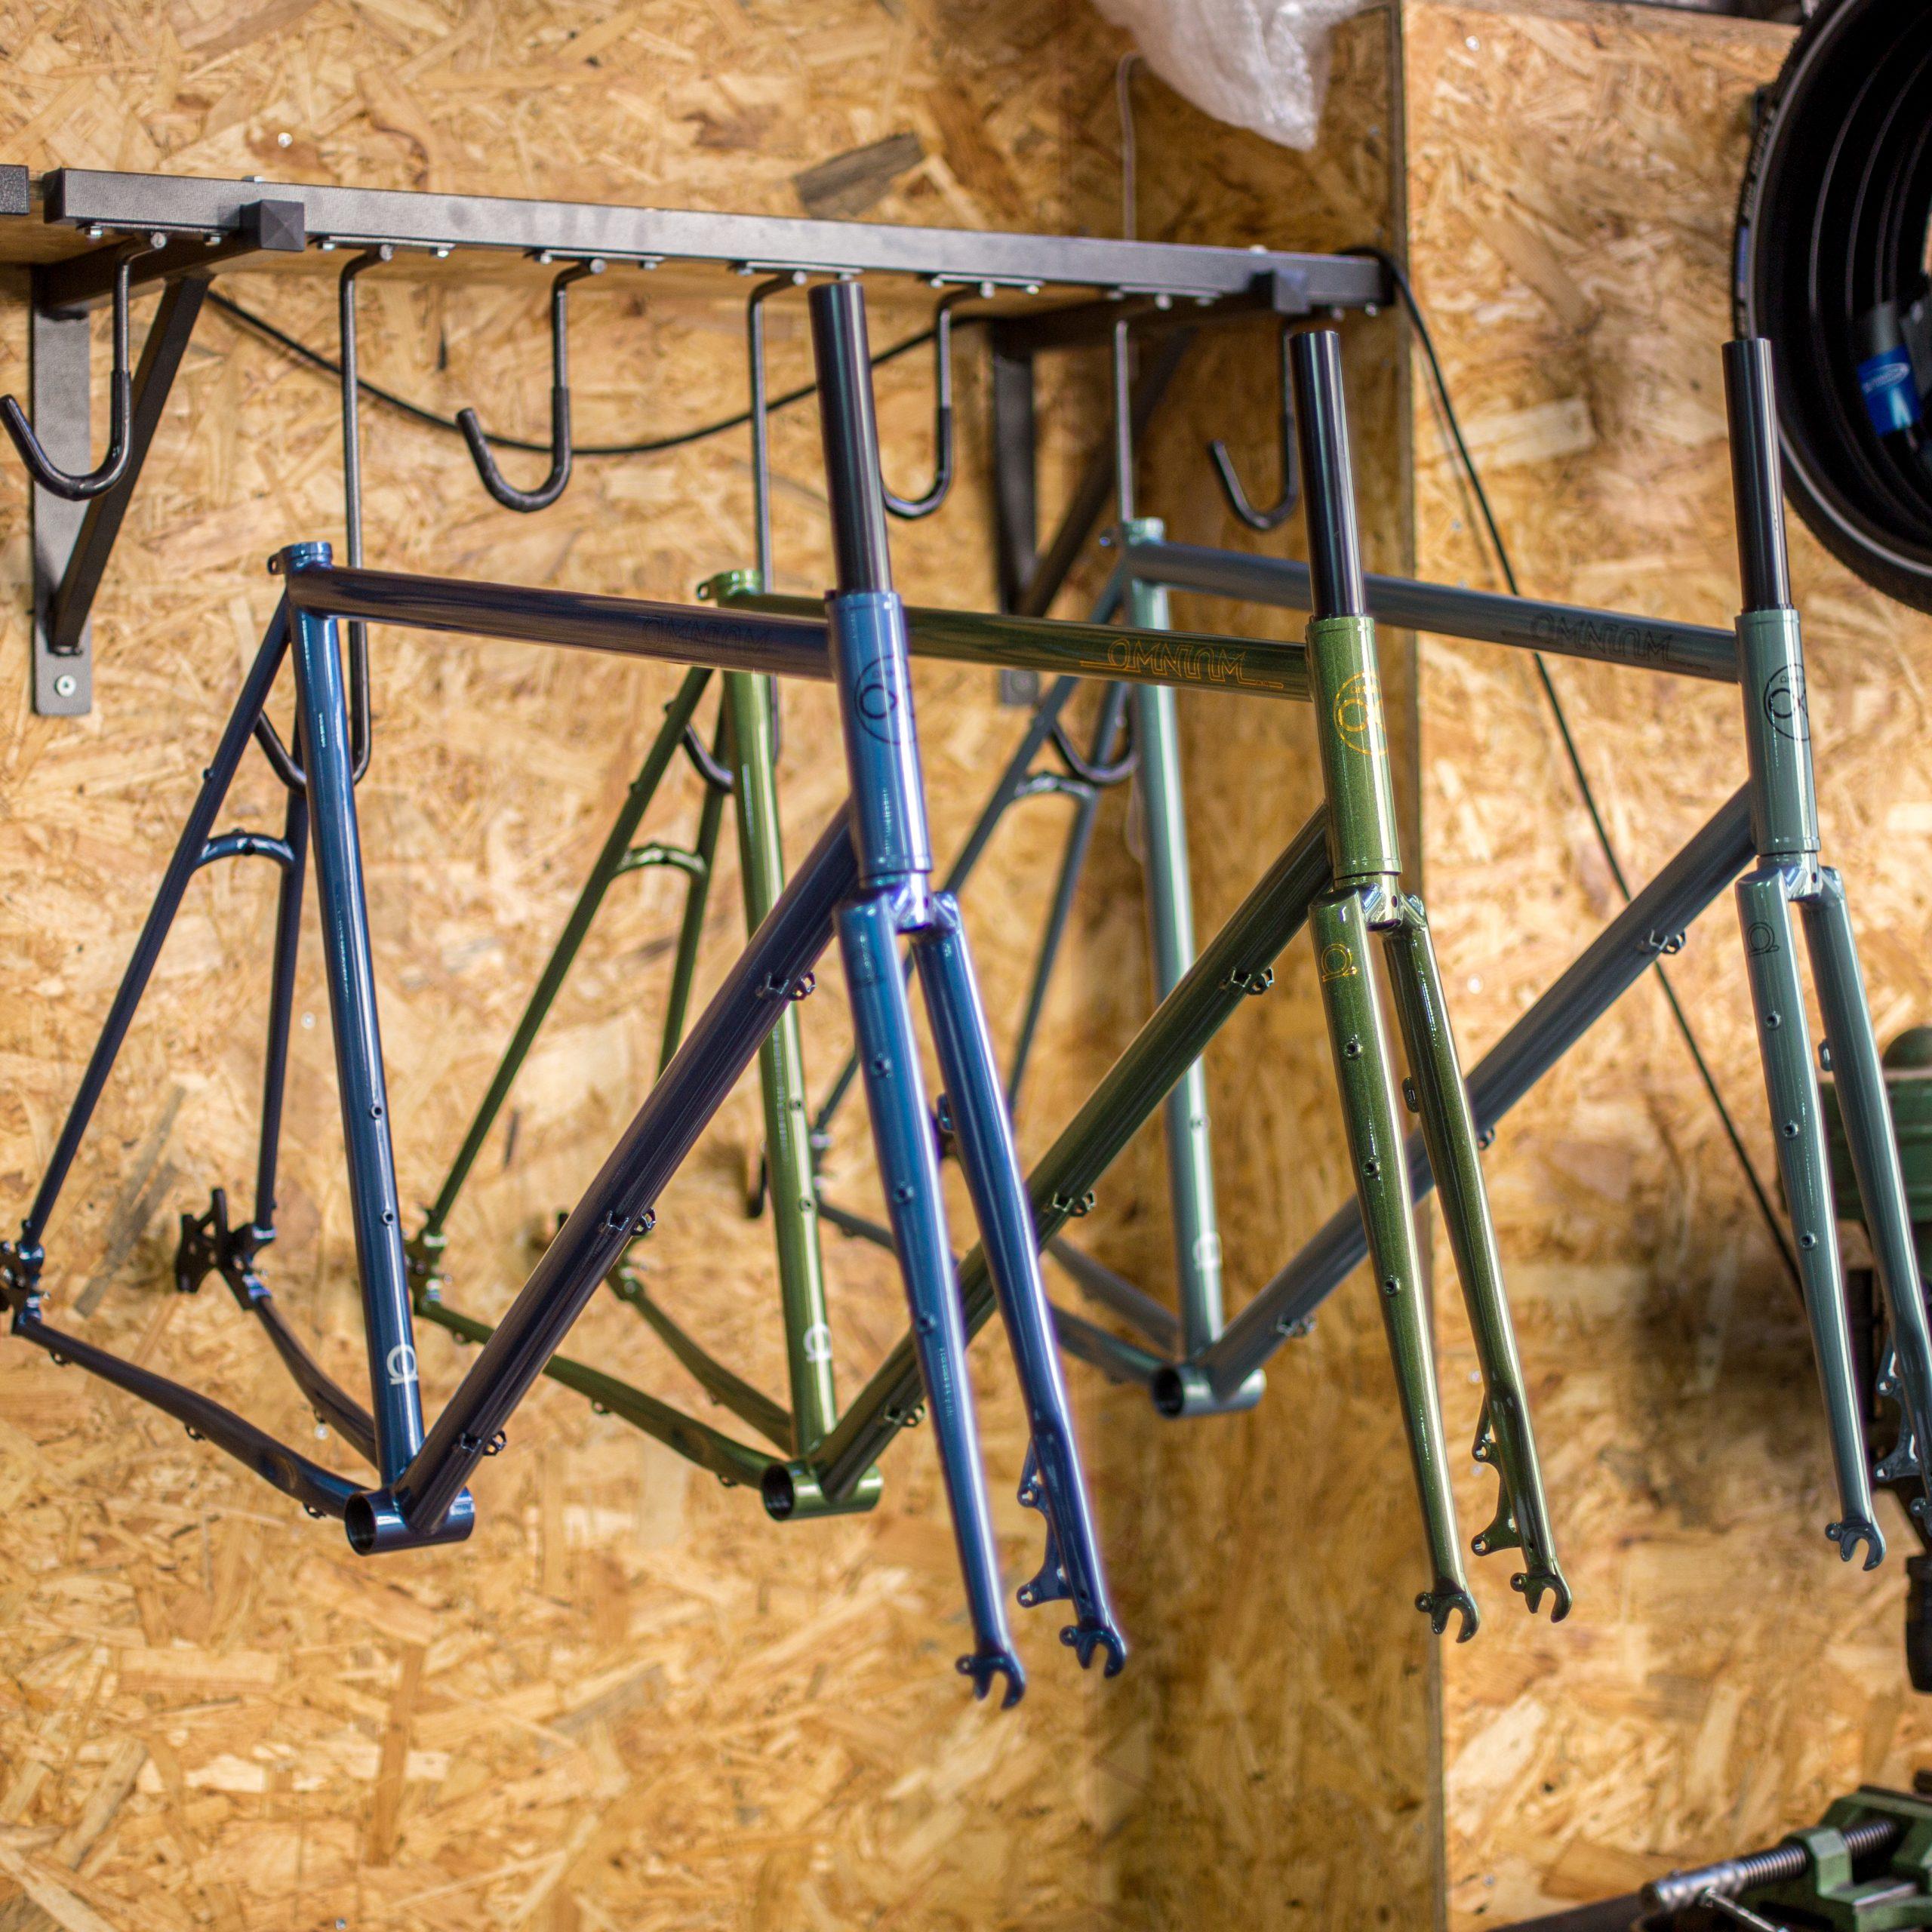 Cadre Omnium CXC V2 Onmium Cargo Bike with a purpose